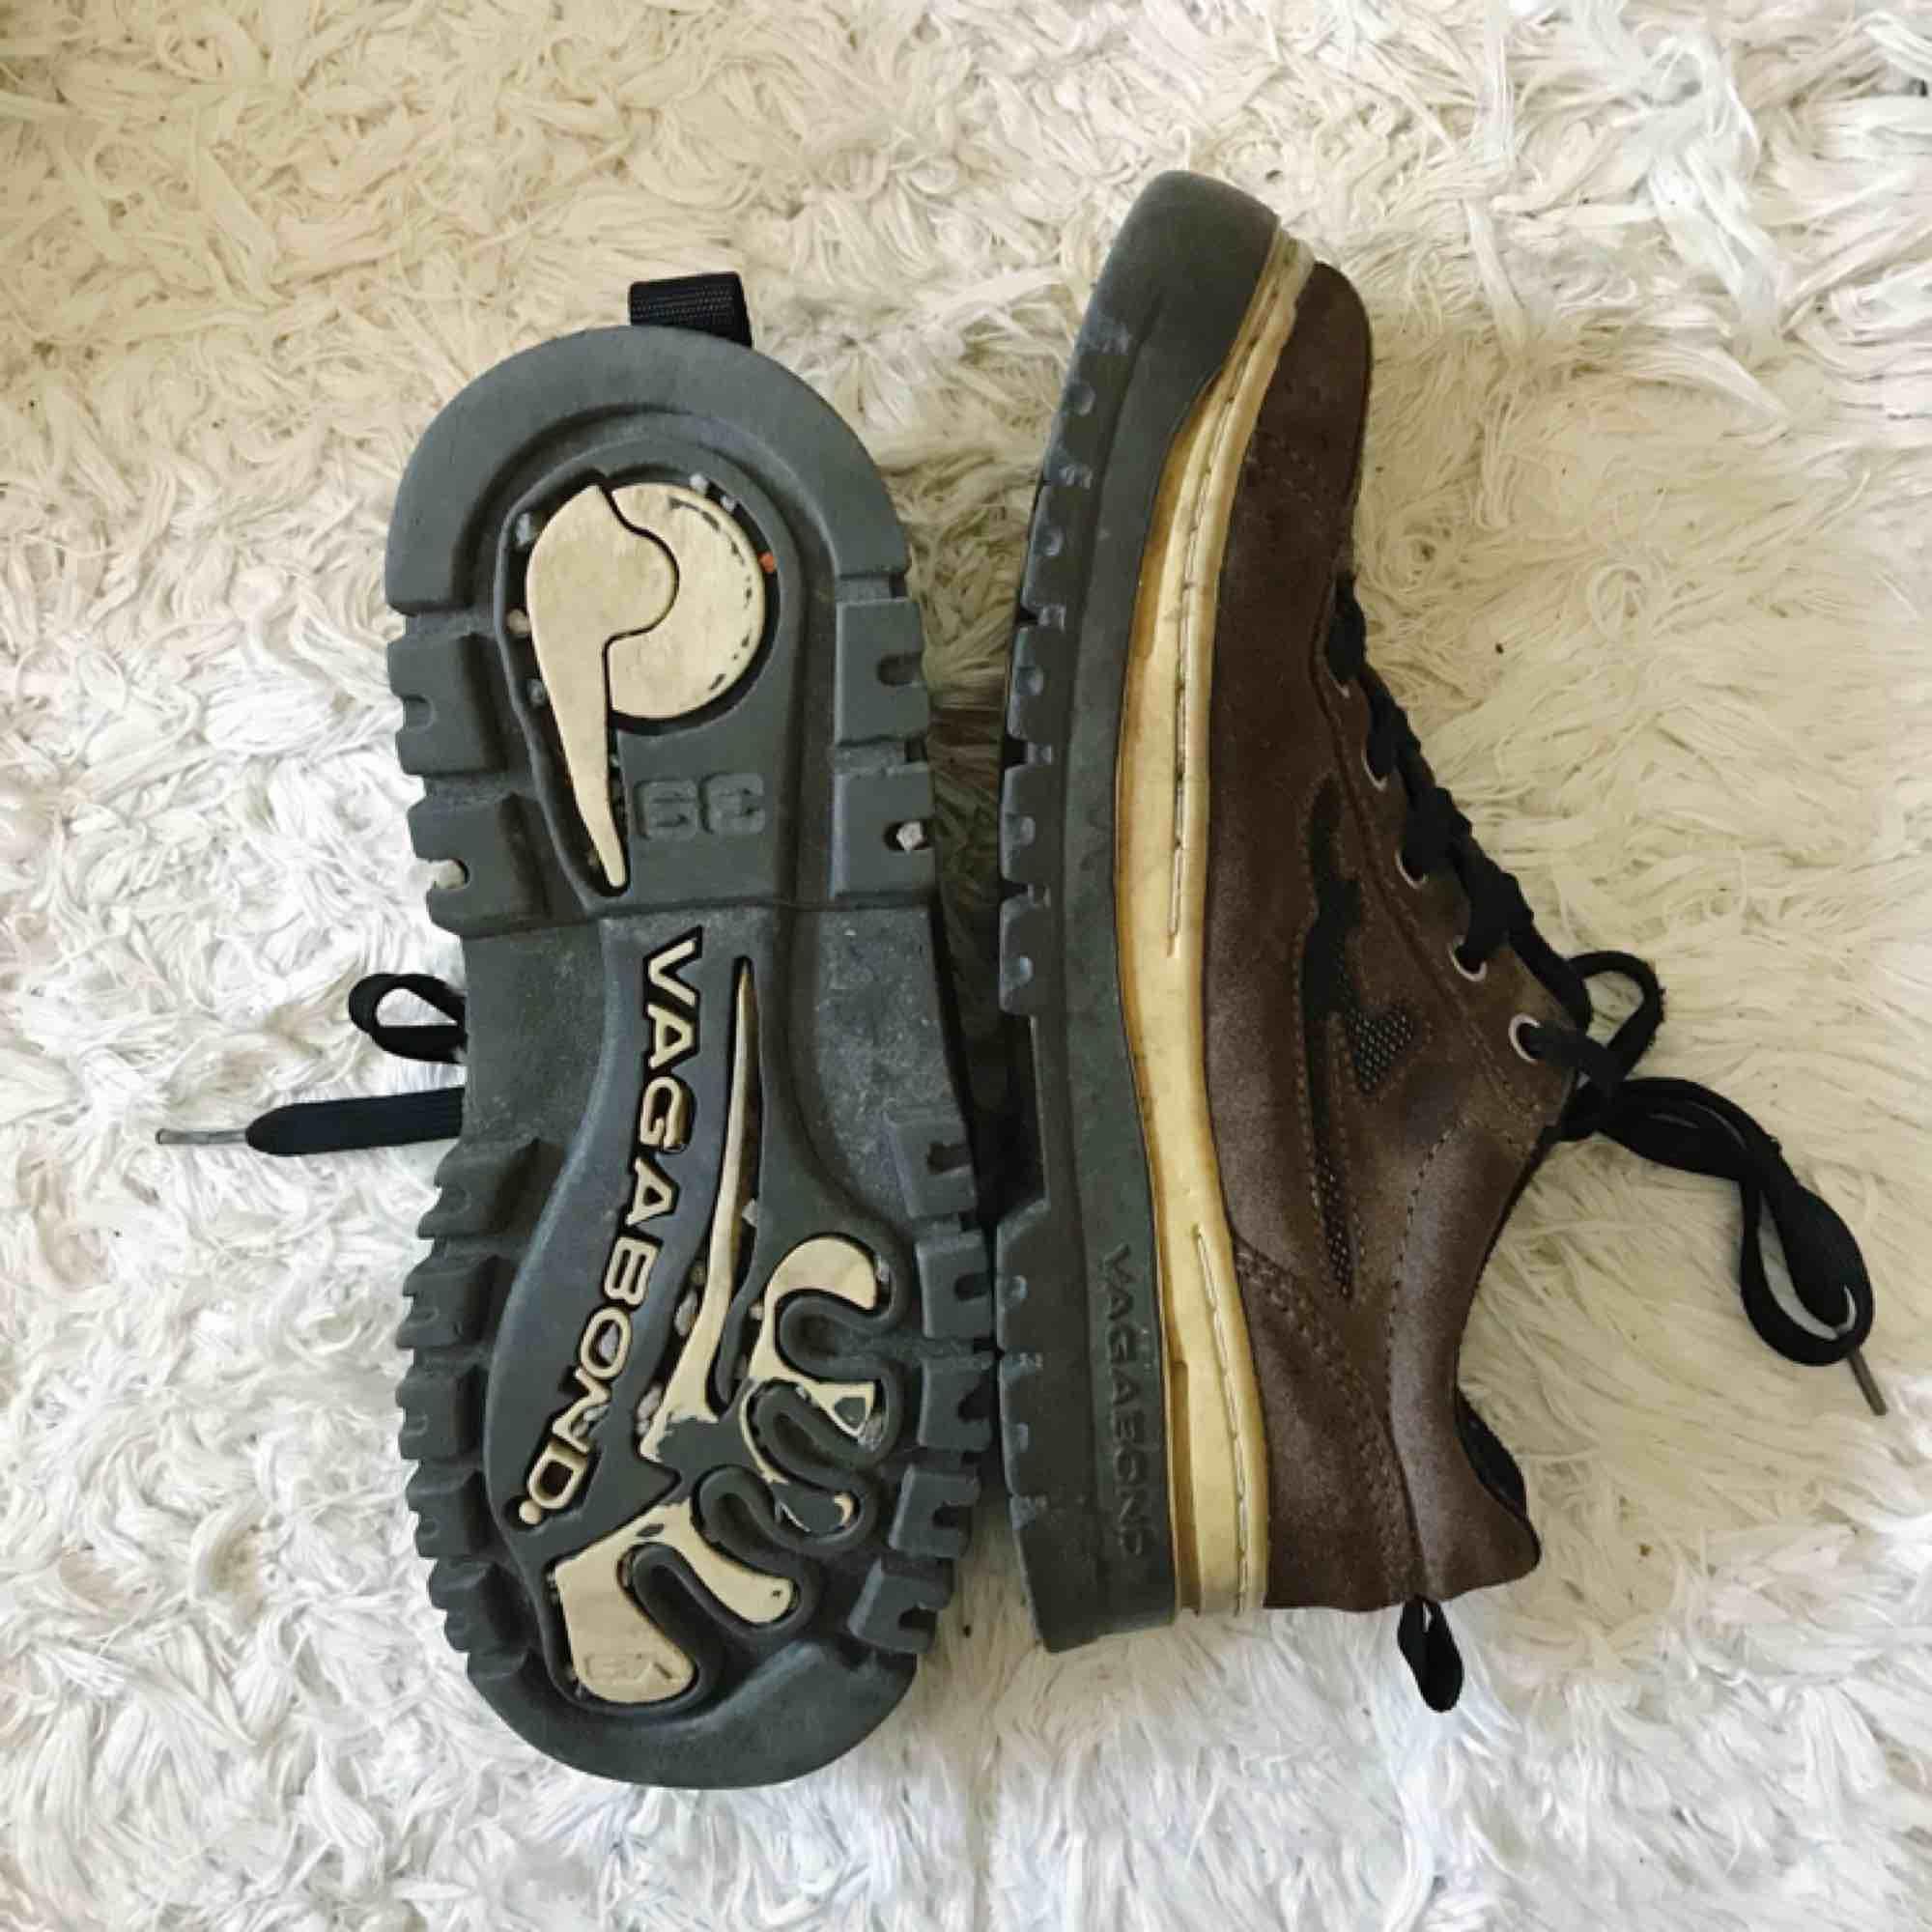 Bruna chunky sneakers från Vagabond. Så fina men inte riktigt min stil. Troligtvis från sent 90/tidigt 2000-tal. Perfekt chunky modell med lite högre sula. Storlek 39. Skor.